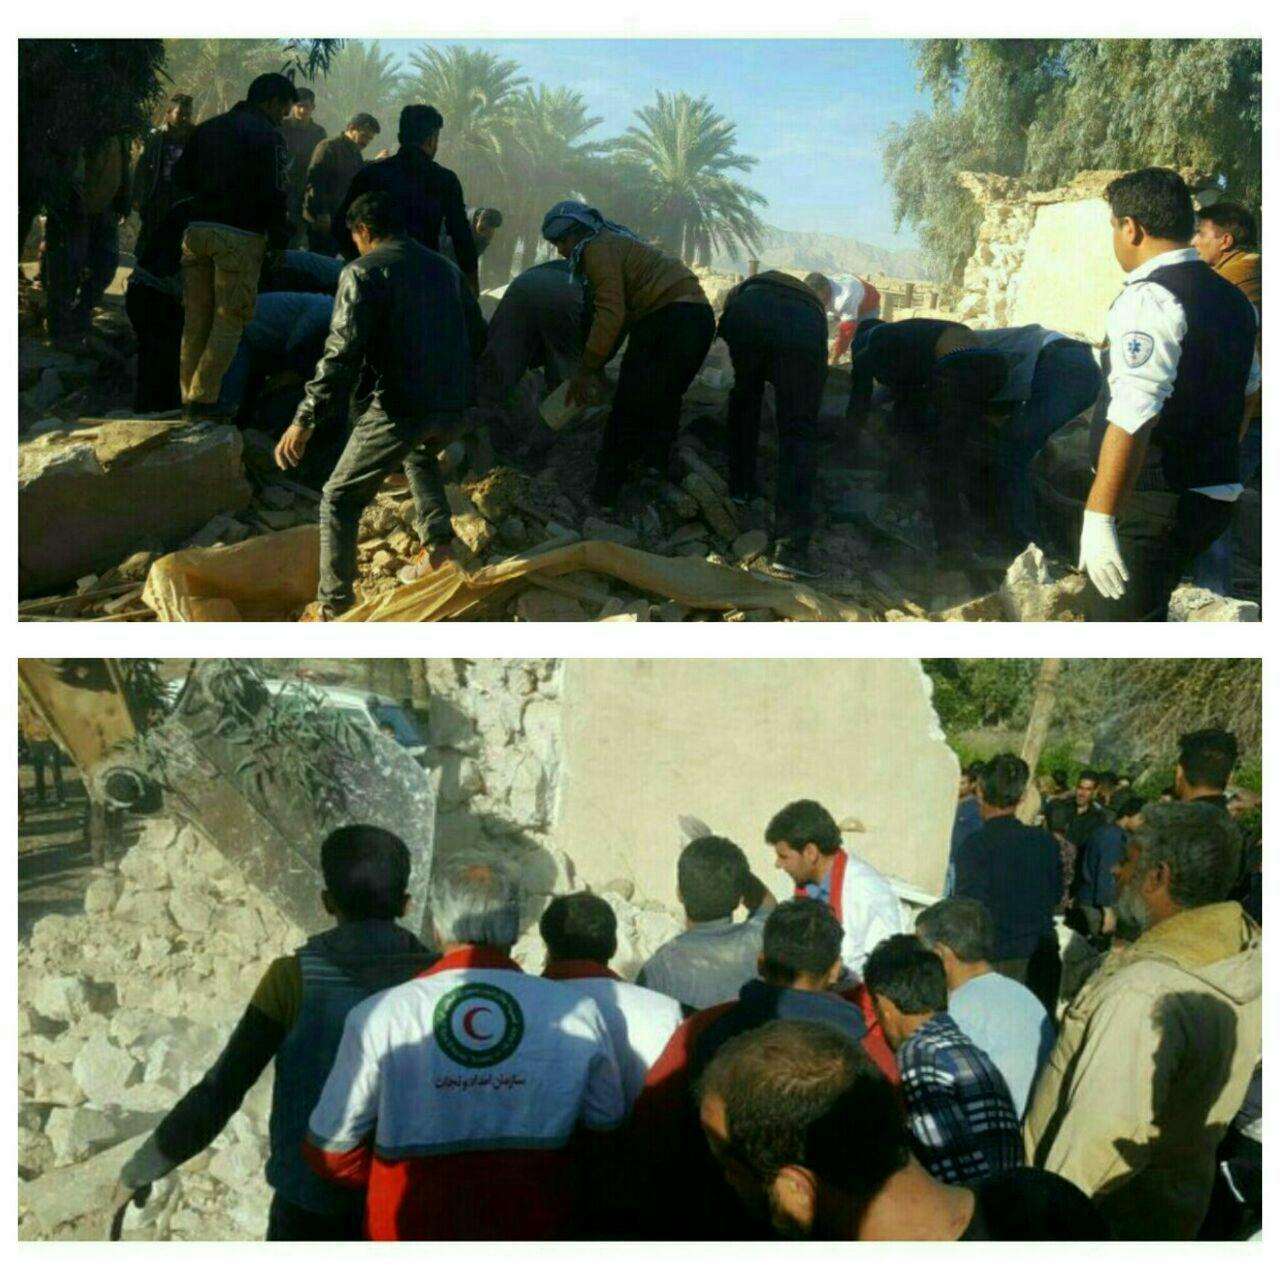 زلزله در استان فارس/5 نفر کشته و زخمی شدند/ افزایش مصدومان/ قطعی برق منطقه+تصاویر